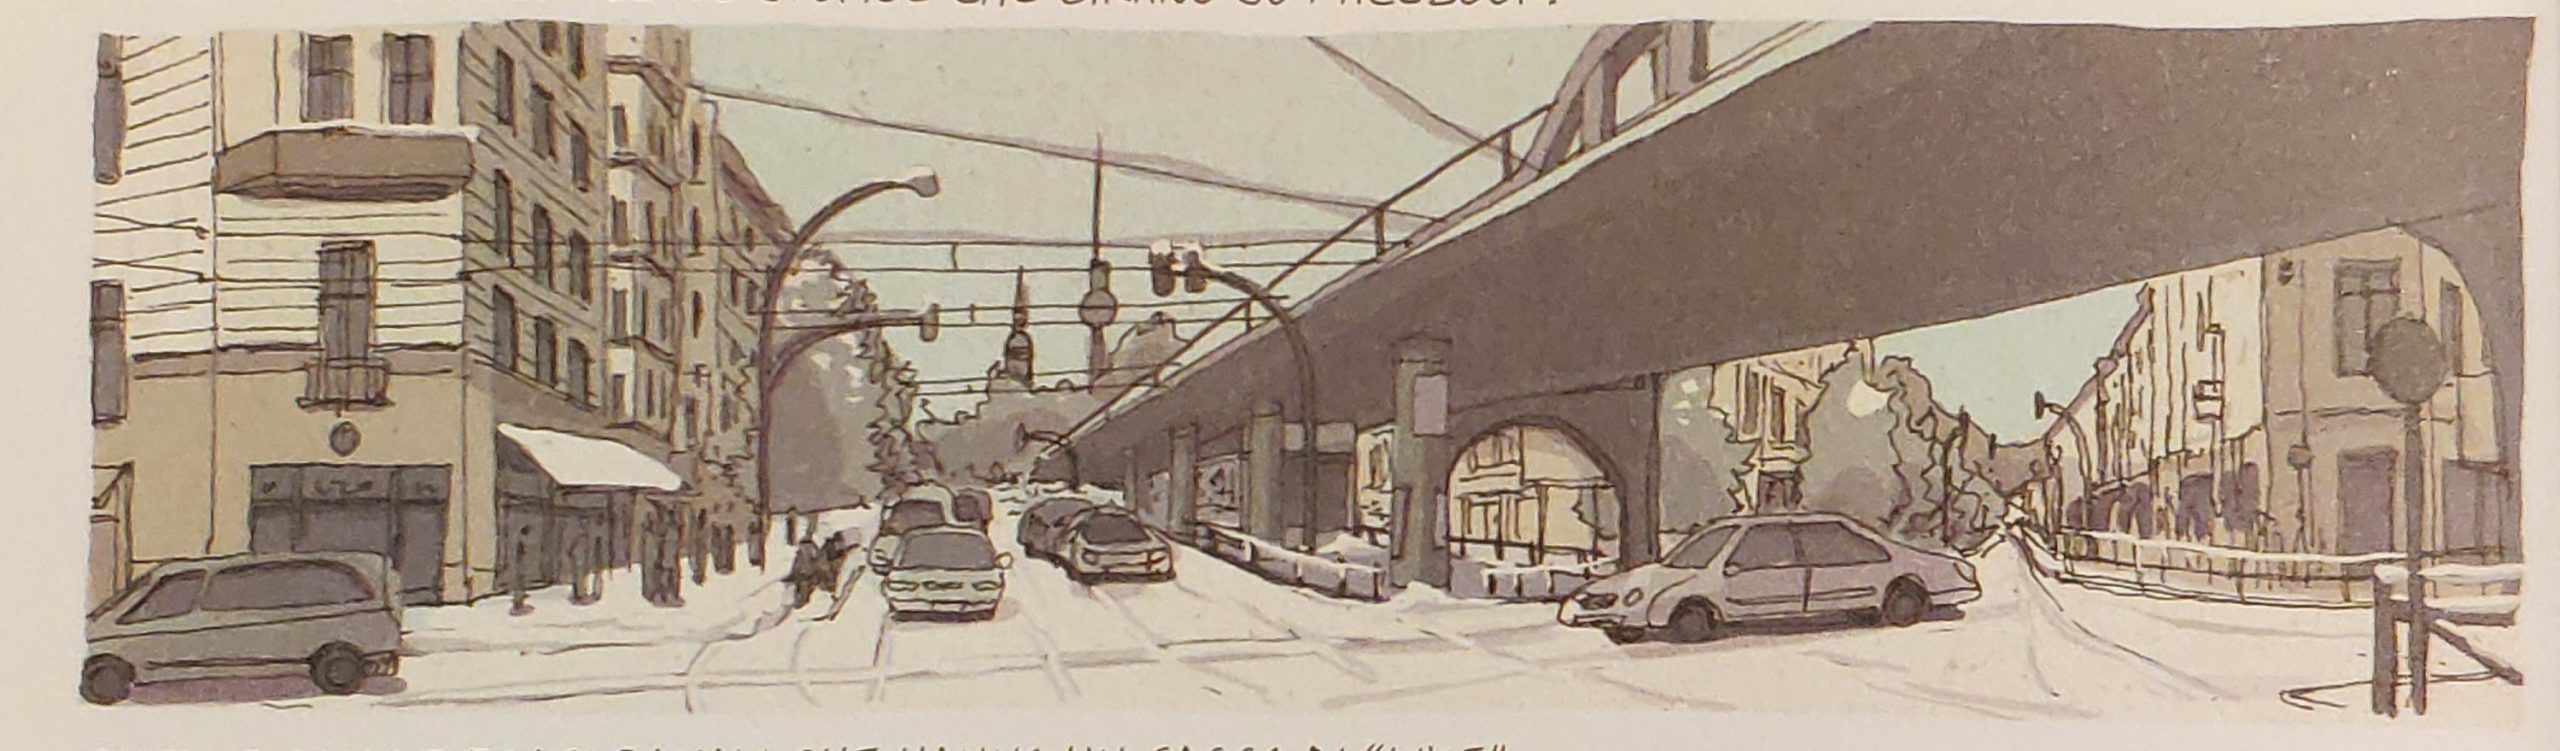 Mio caro fumetto… – Berlino e la U-Bahn sopraelevata